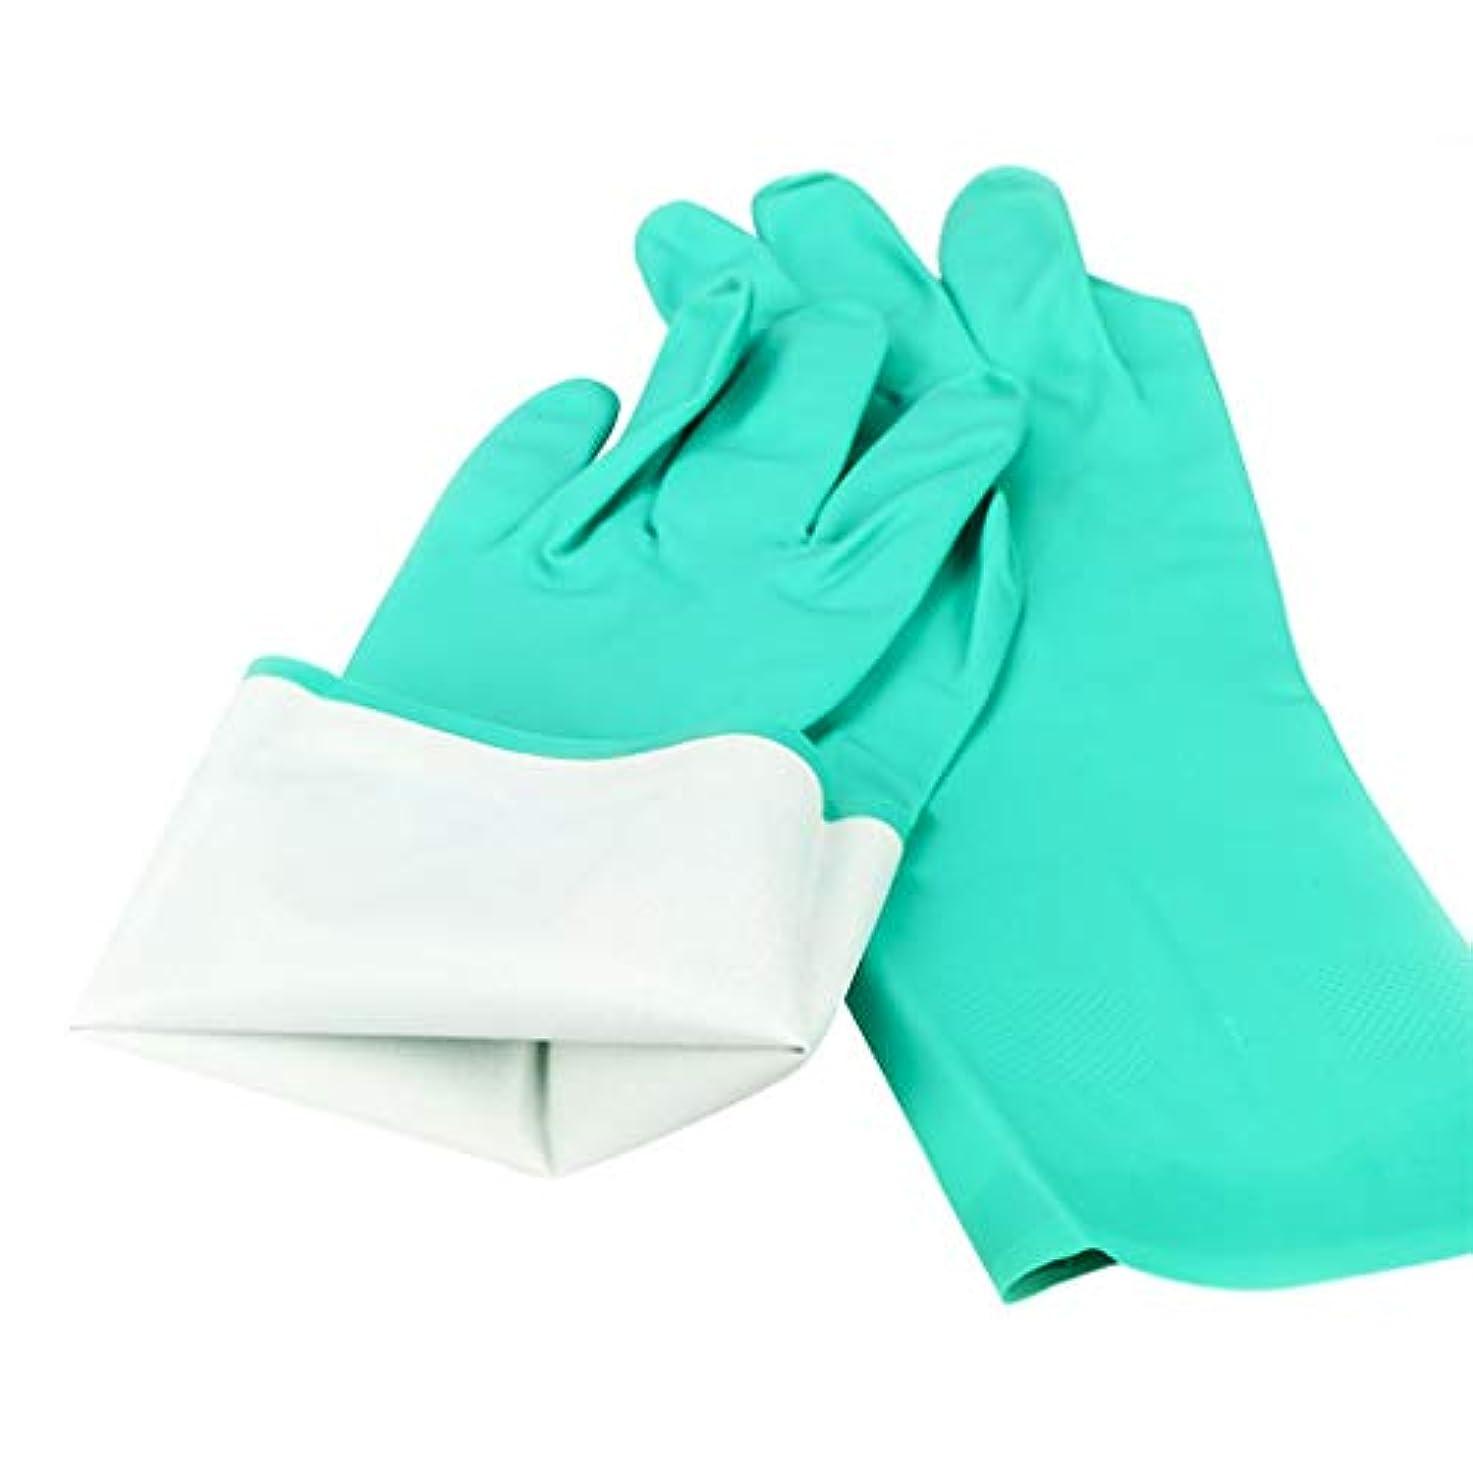 噂キャビン黙認する5ペア耐油性ニトリルゴム手袋 - 耐摩耗性耐油性滑り止め安全衛生丈夫な工業用保護 YANW (色 : 緑, サイズ さいず : L l)